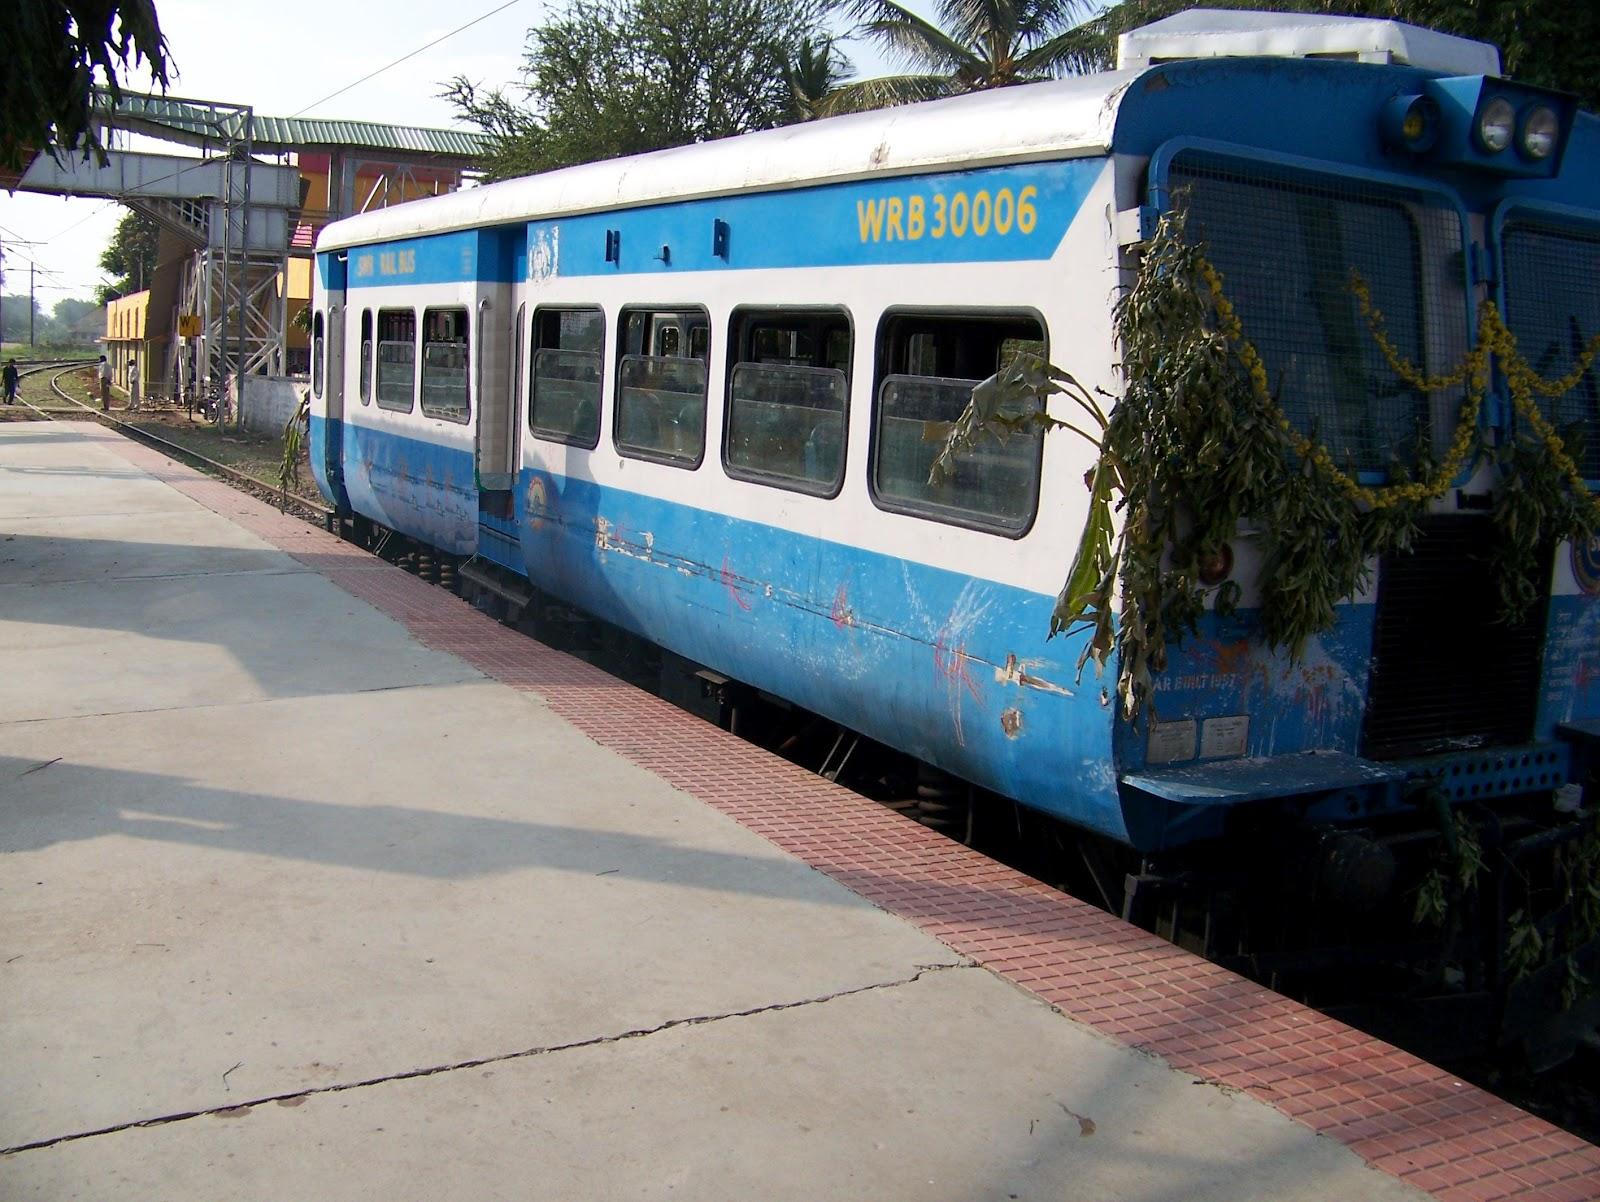 The RailBus in Karnataka